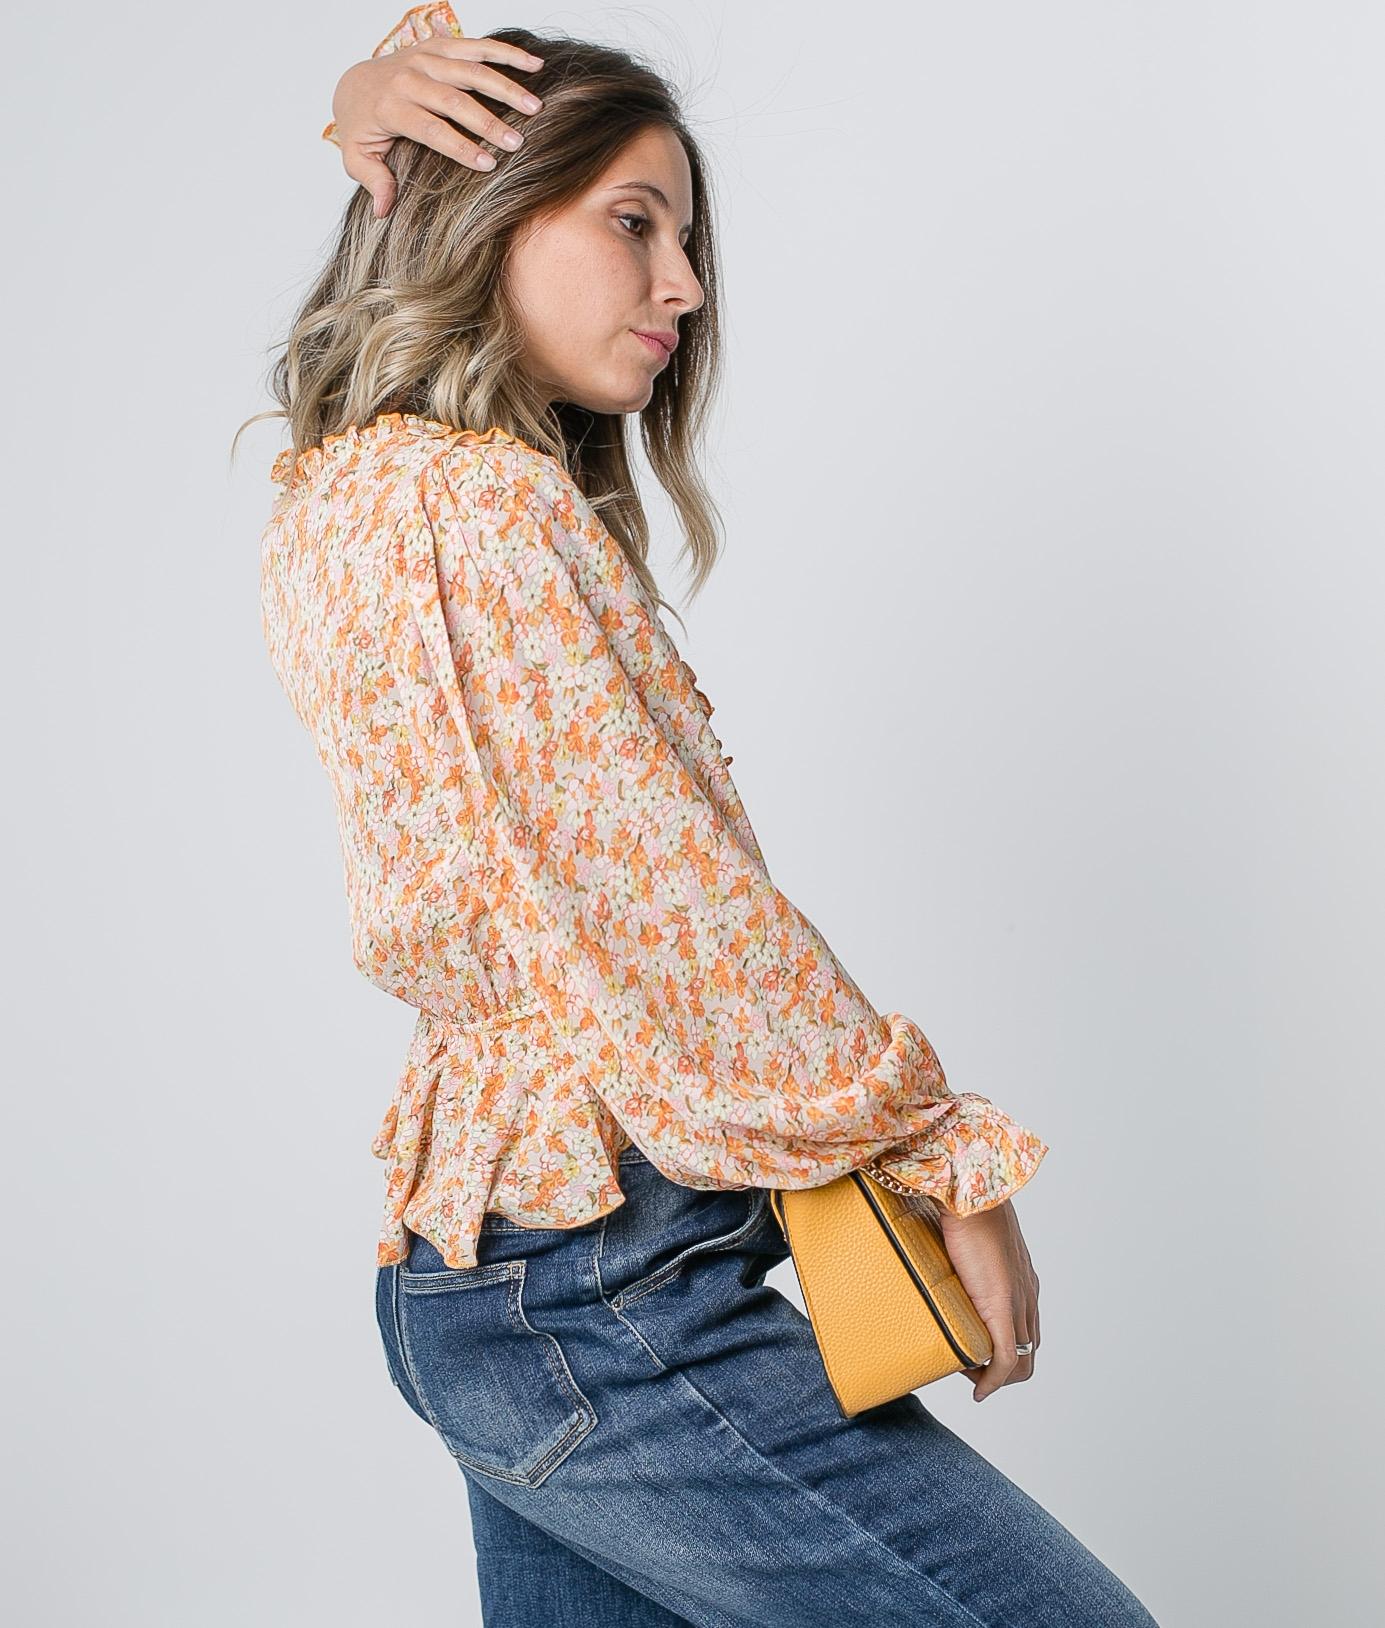 Blusa Rotin - Naranja